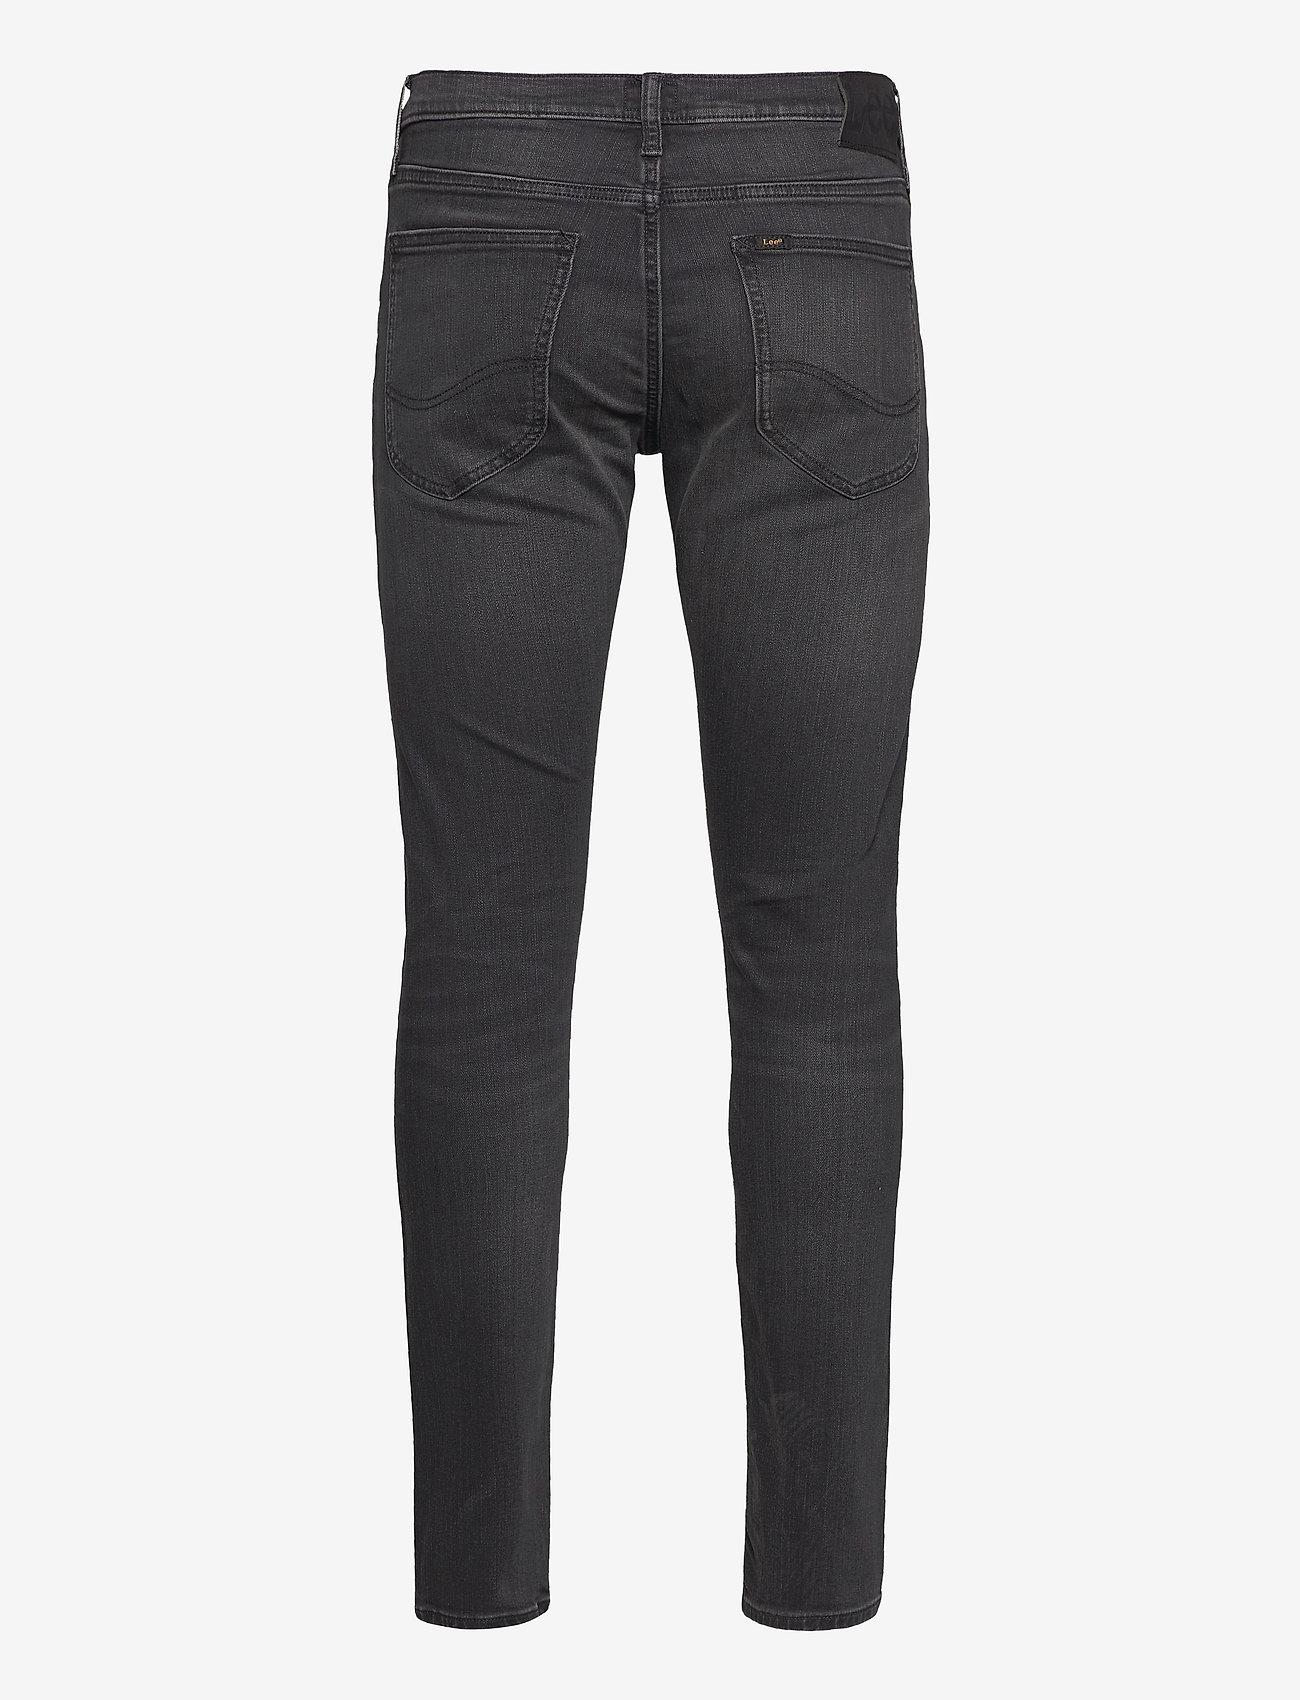 Lee Jeans - LUKE - regular jeans - moto grey - 1